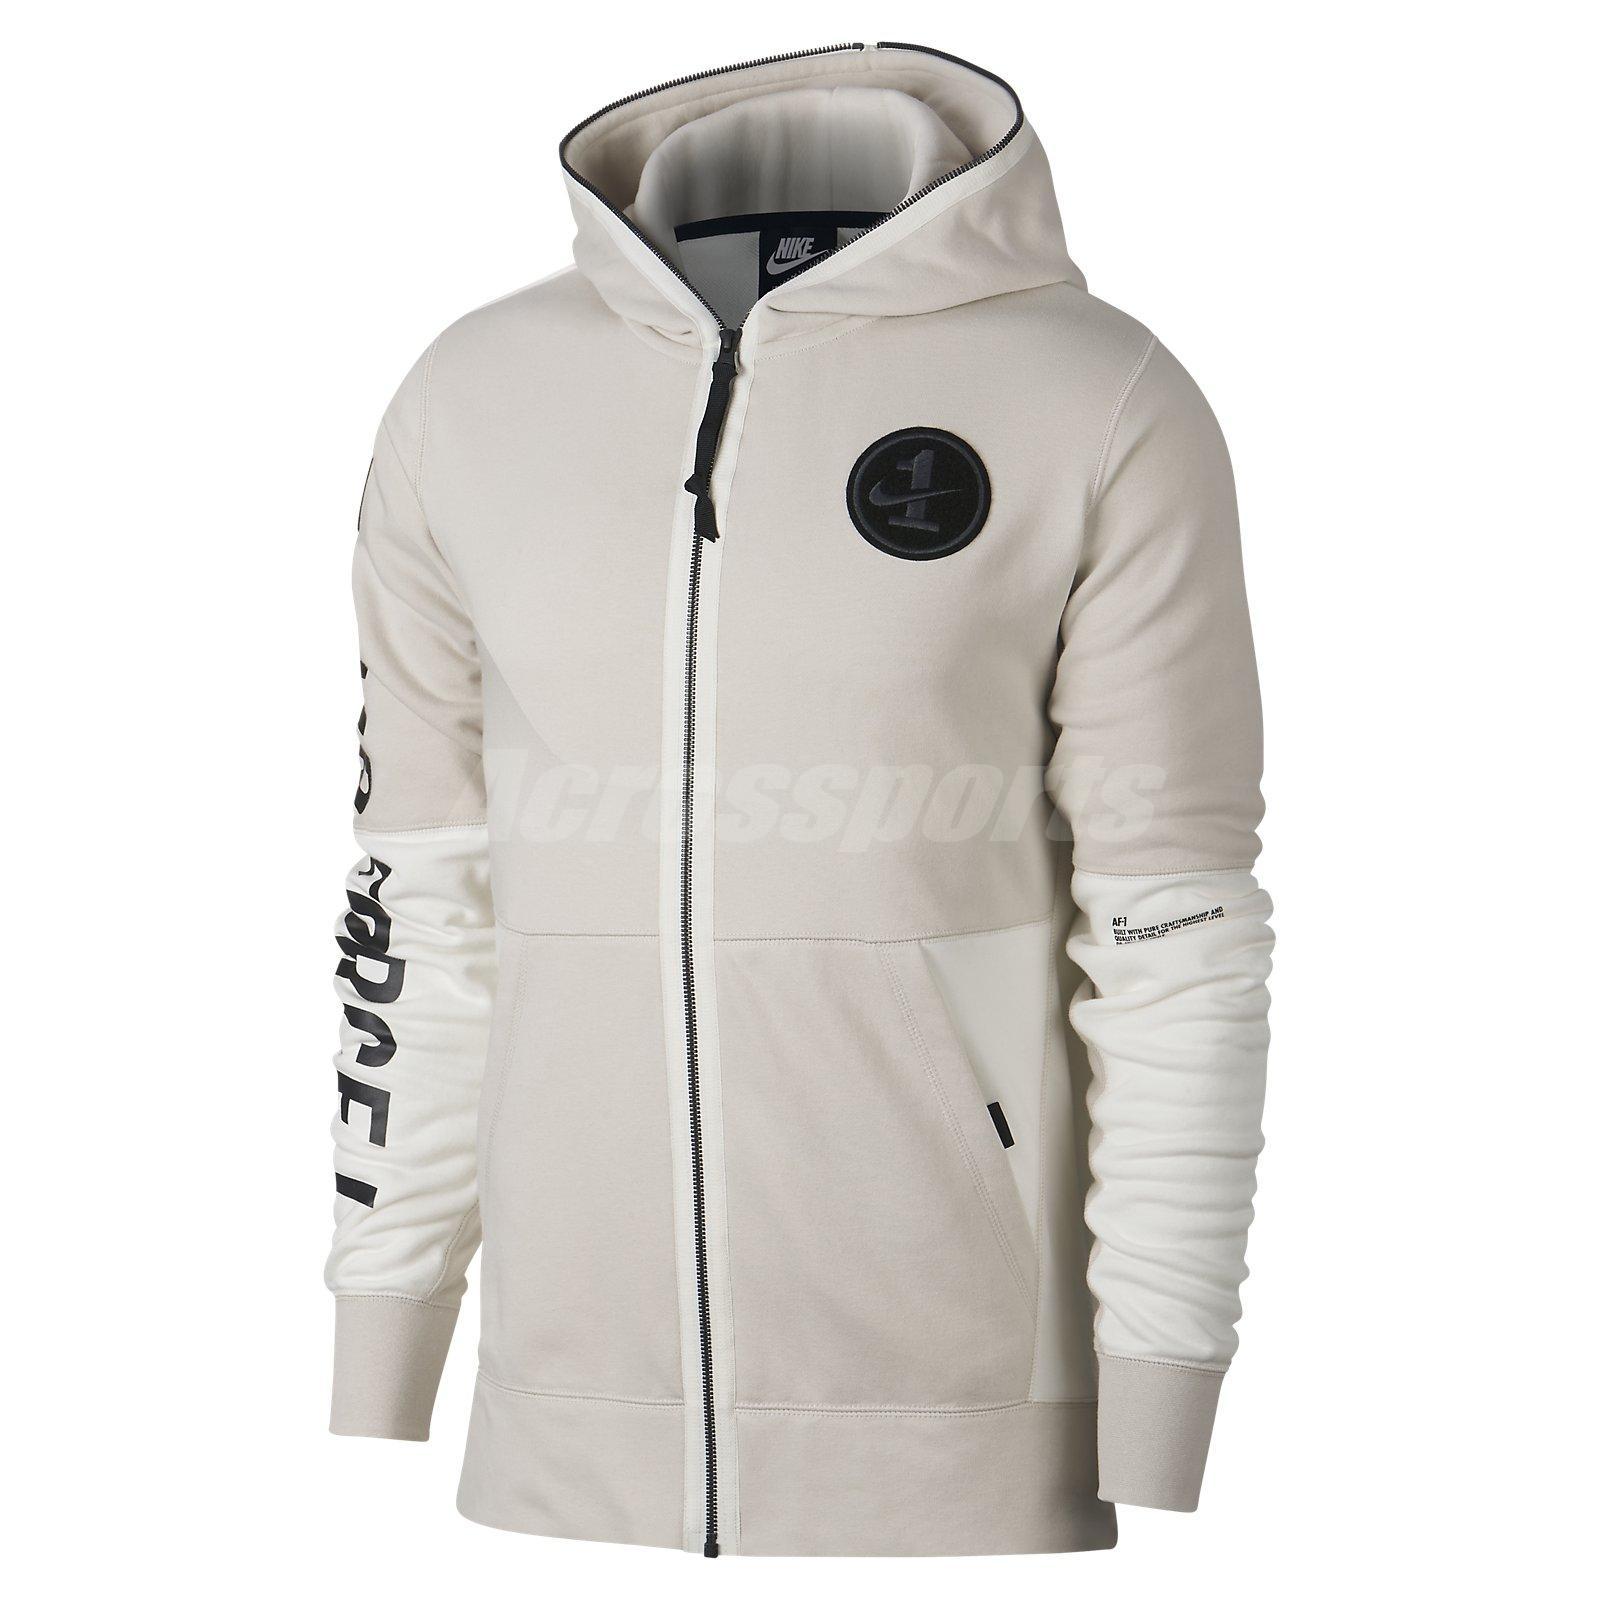 0445334bcd23 Nike AF1 Hoodie Full-Zip Hooded Jacket Air Force Sports Fitness Beige  AJ0785-102